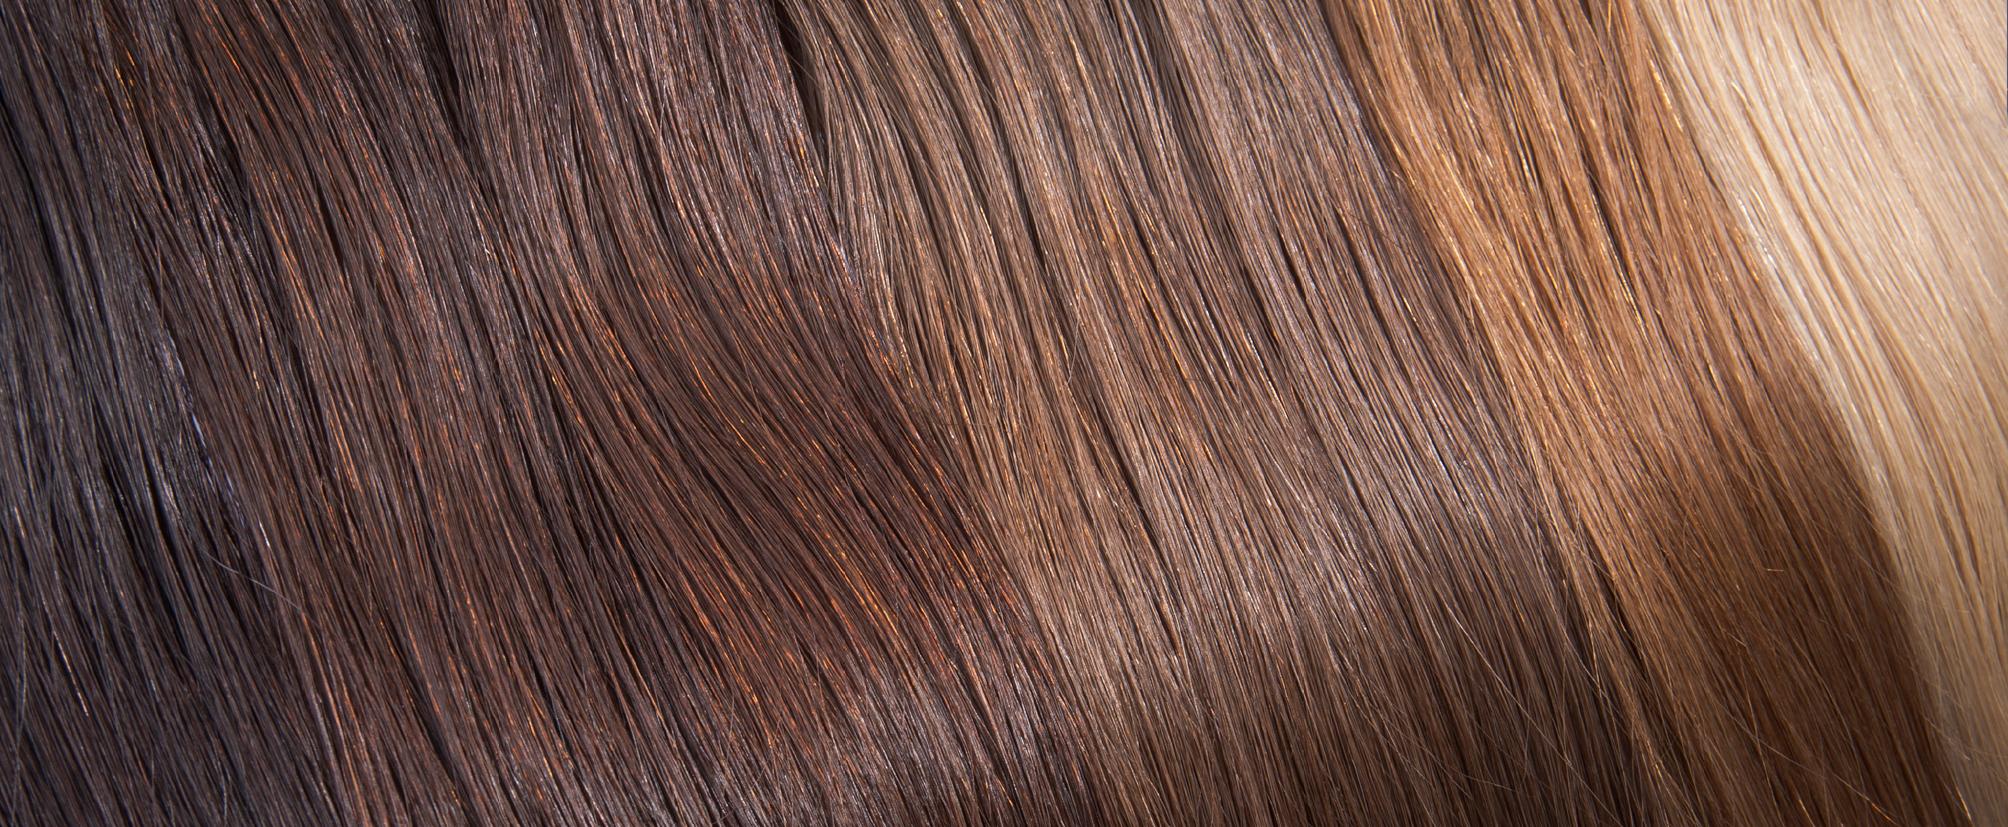 Extensions in verschiedenen Haarfarben